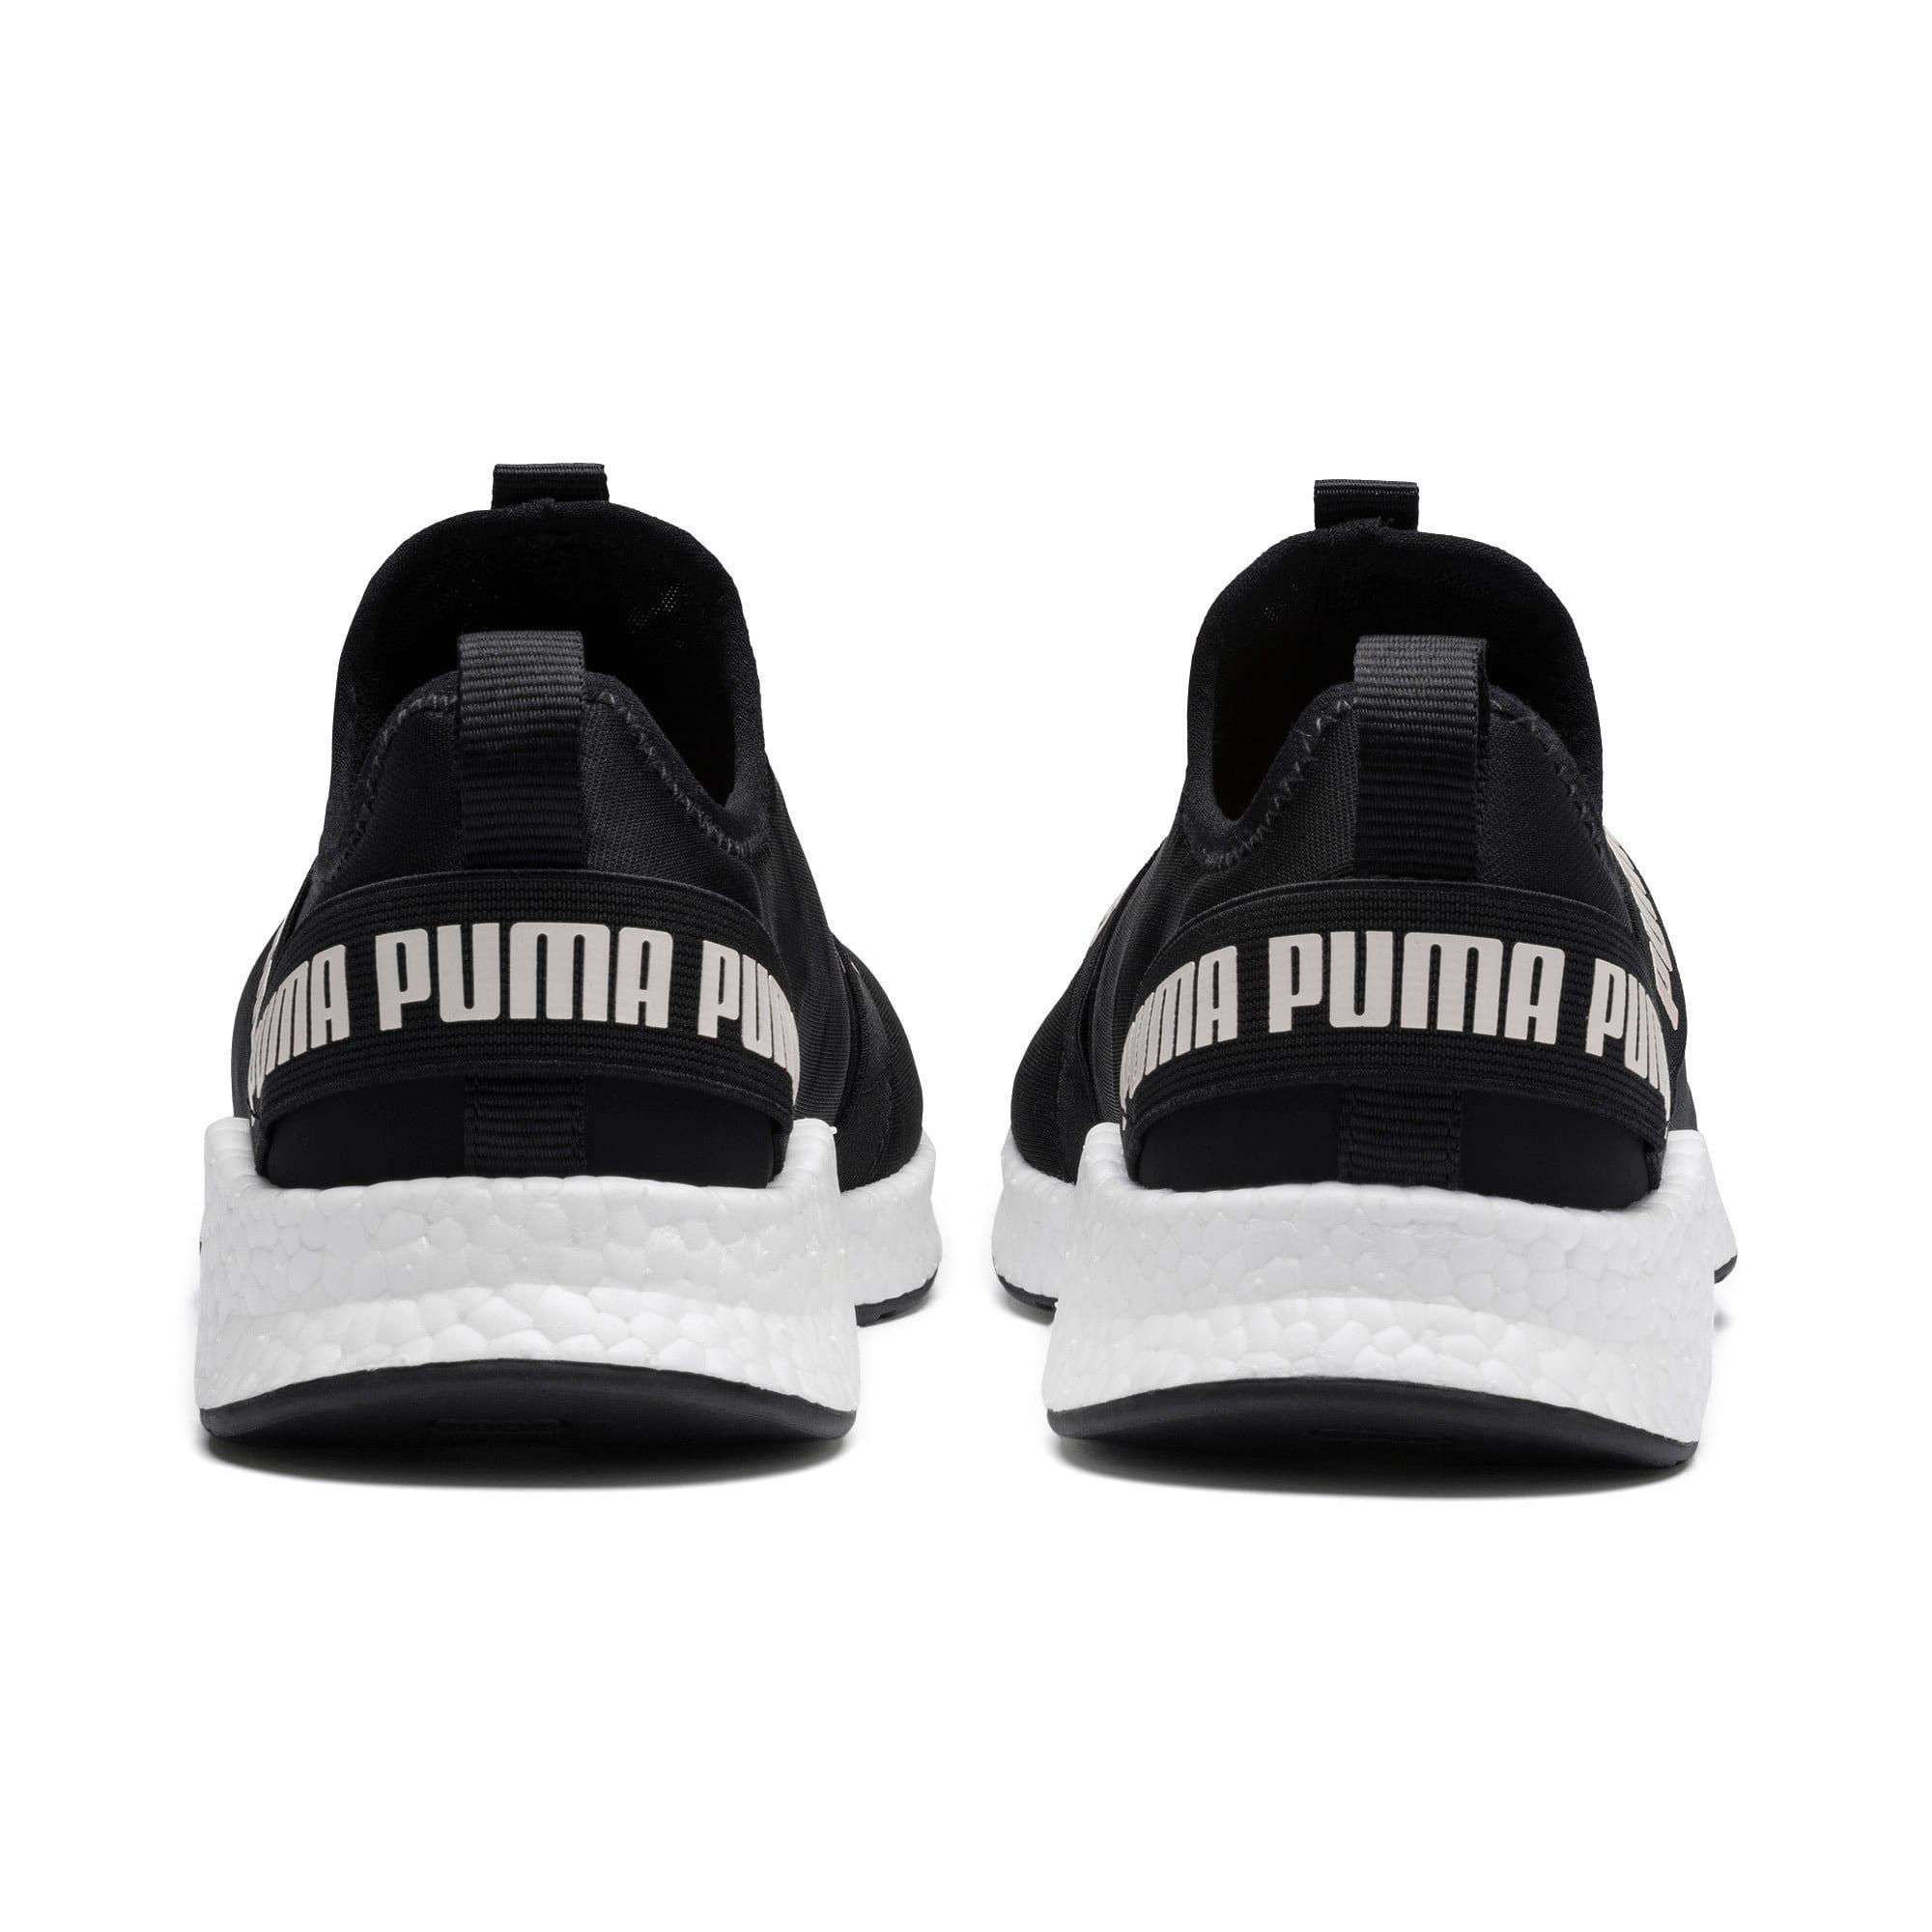 Thumbnail 4 of NRGY Star Slip-On Running Shoes, Black-Pearl-White, medium